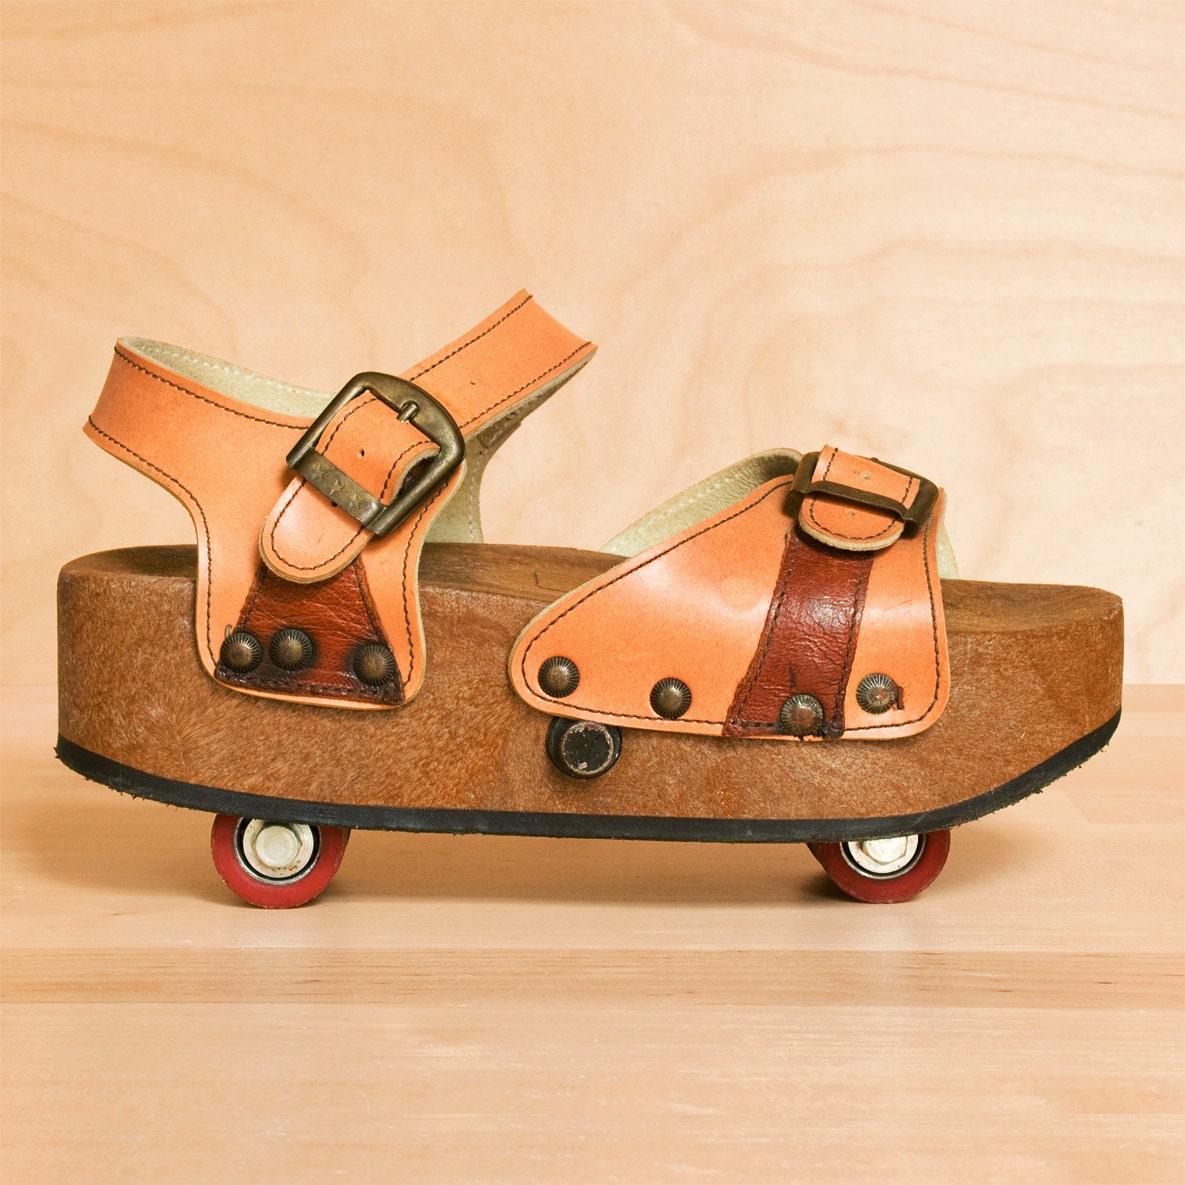 sale vintage 1970s omnia 39 c pop out roller skate by kenaione. Black Bedroom Furniture Sets. Home Design Ideas